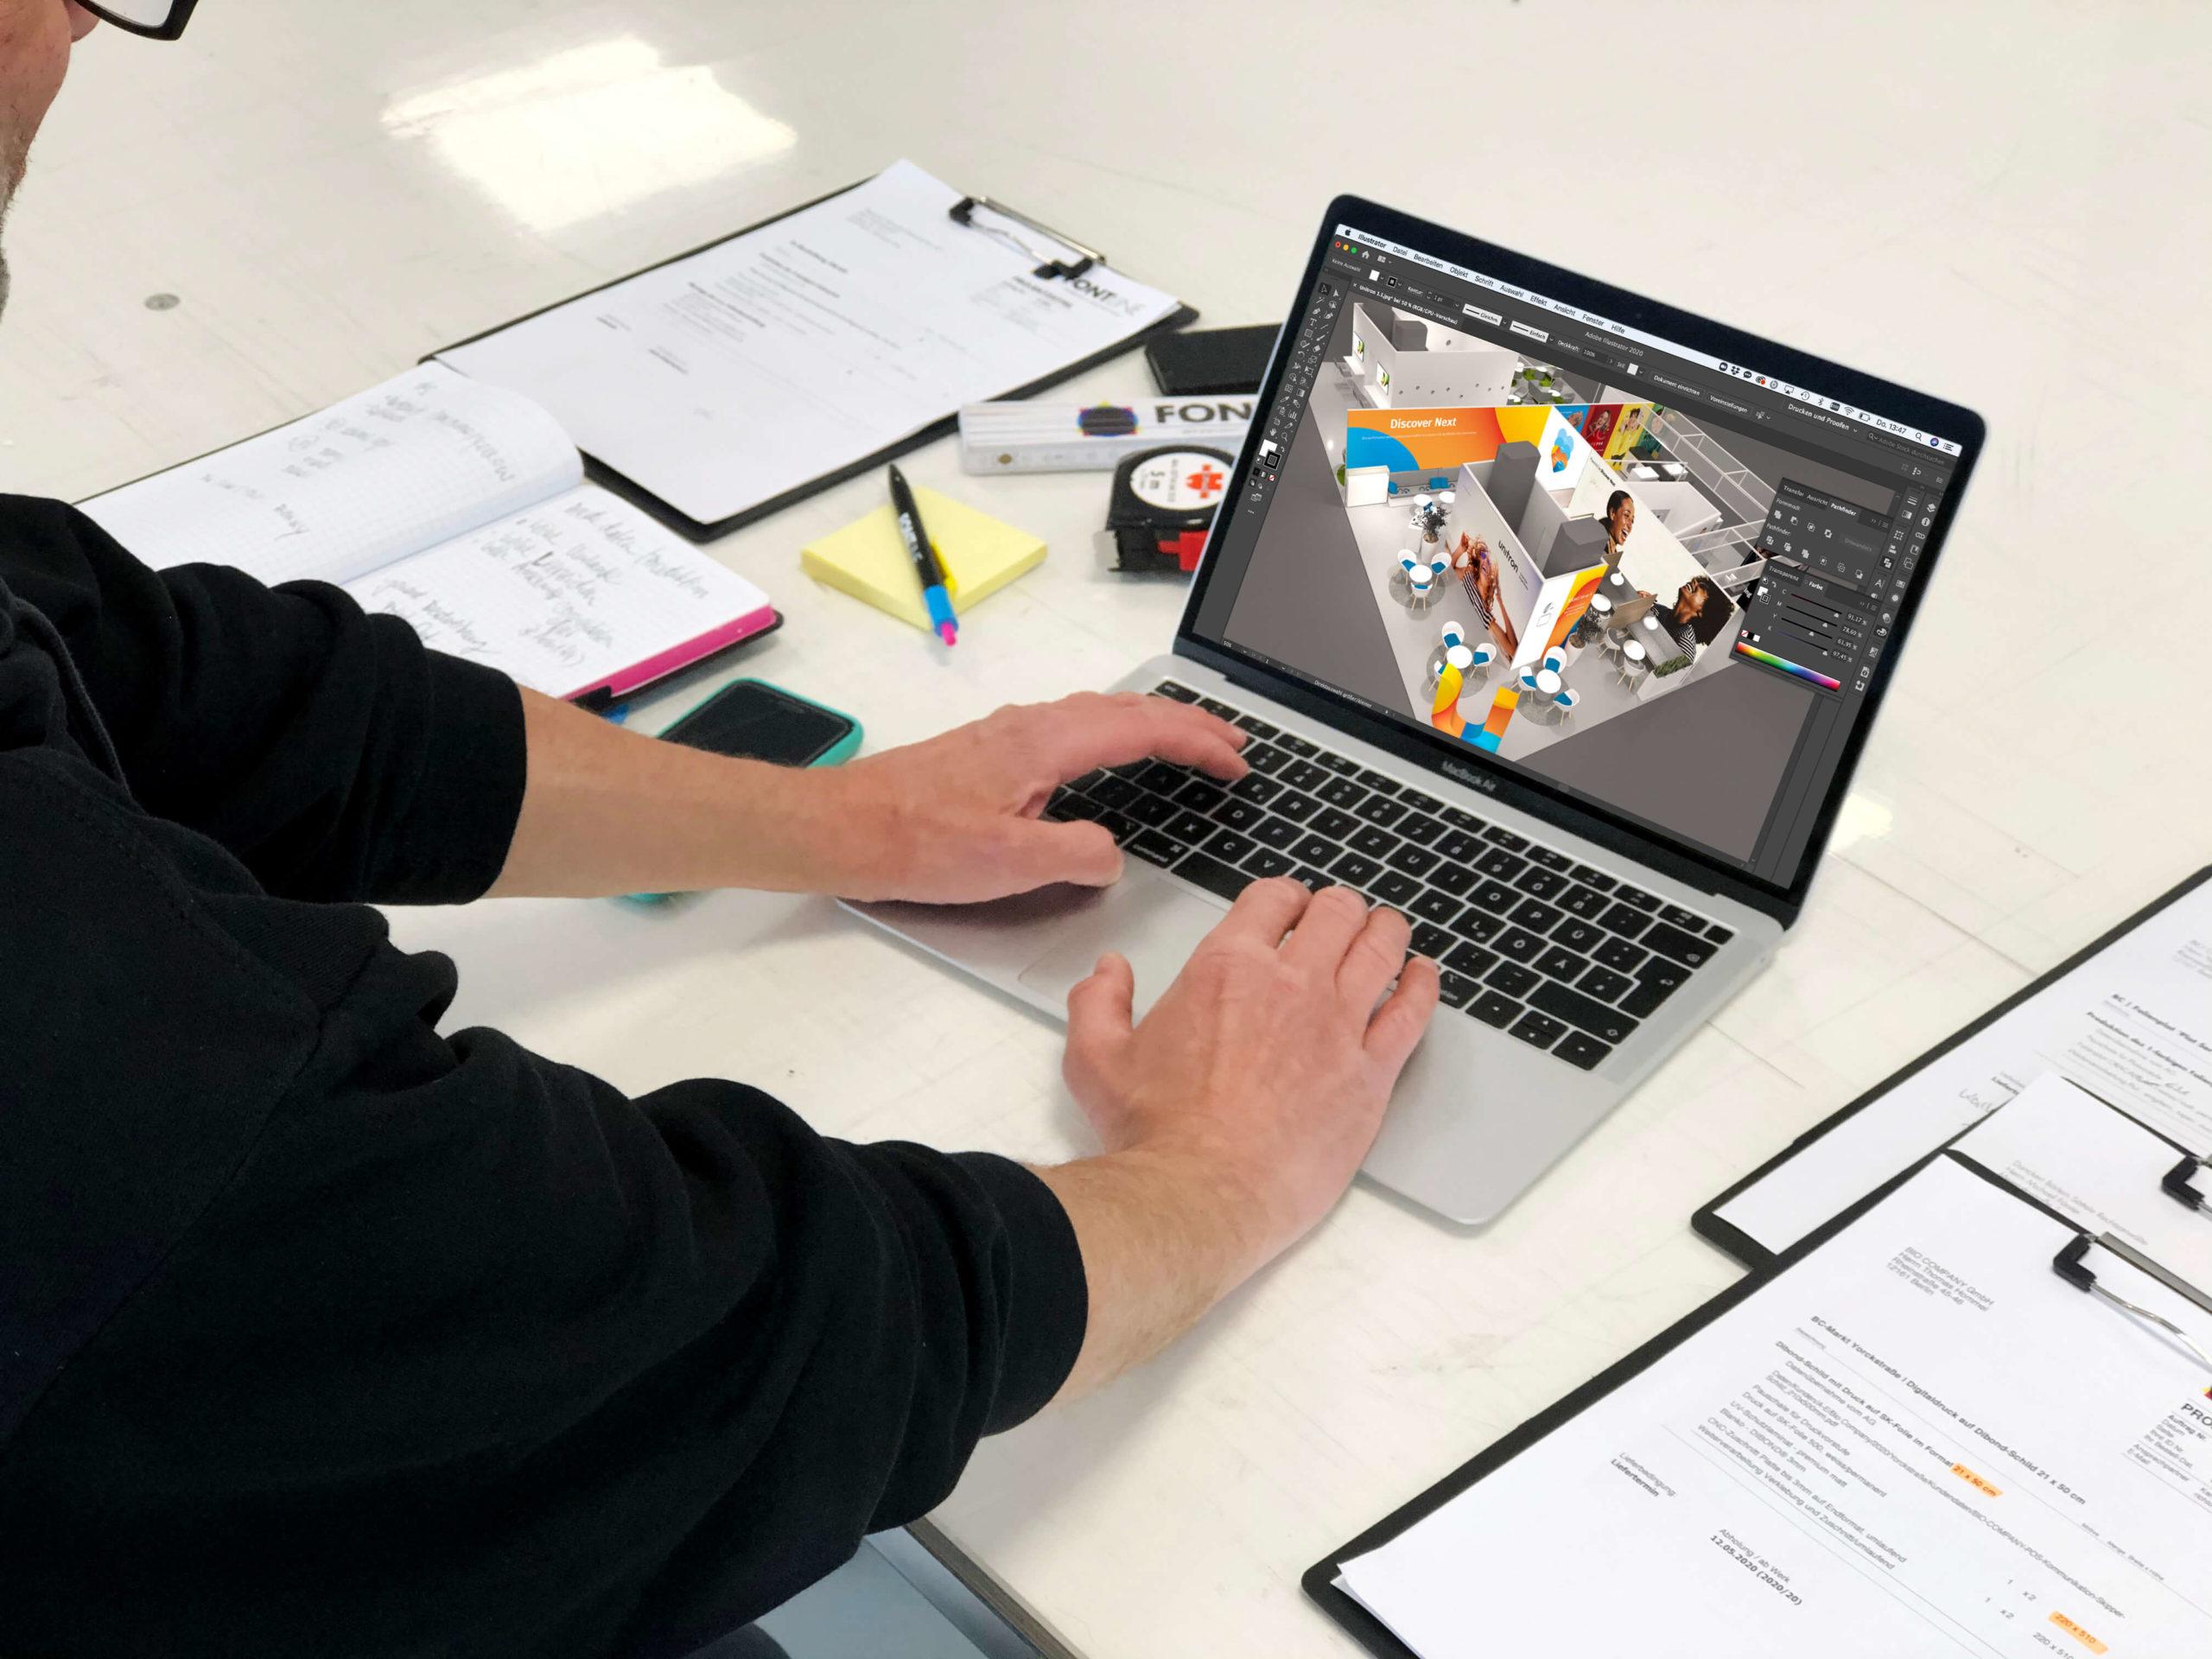 Draufsicht auf einen Laptop, der auf einem Arbeitstisch steht umgeben von Notiz- und Auftragszetteln.